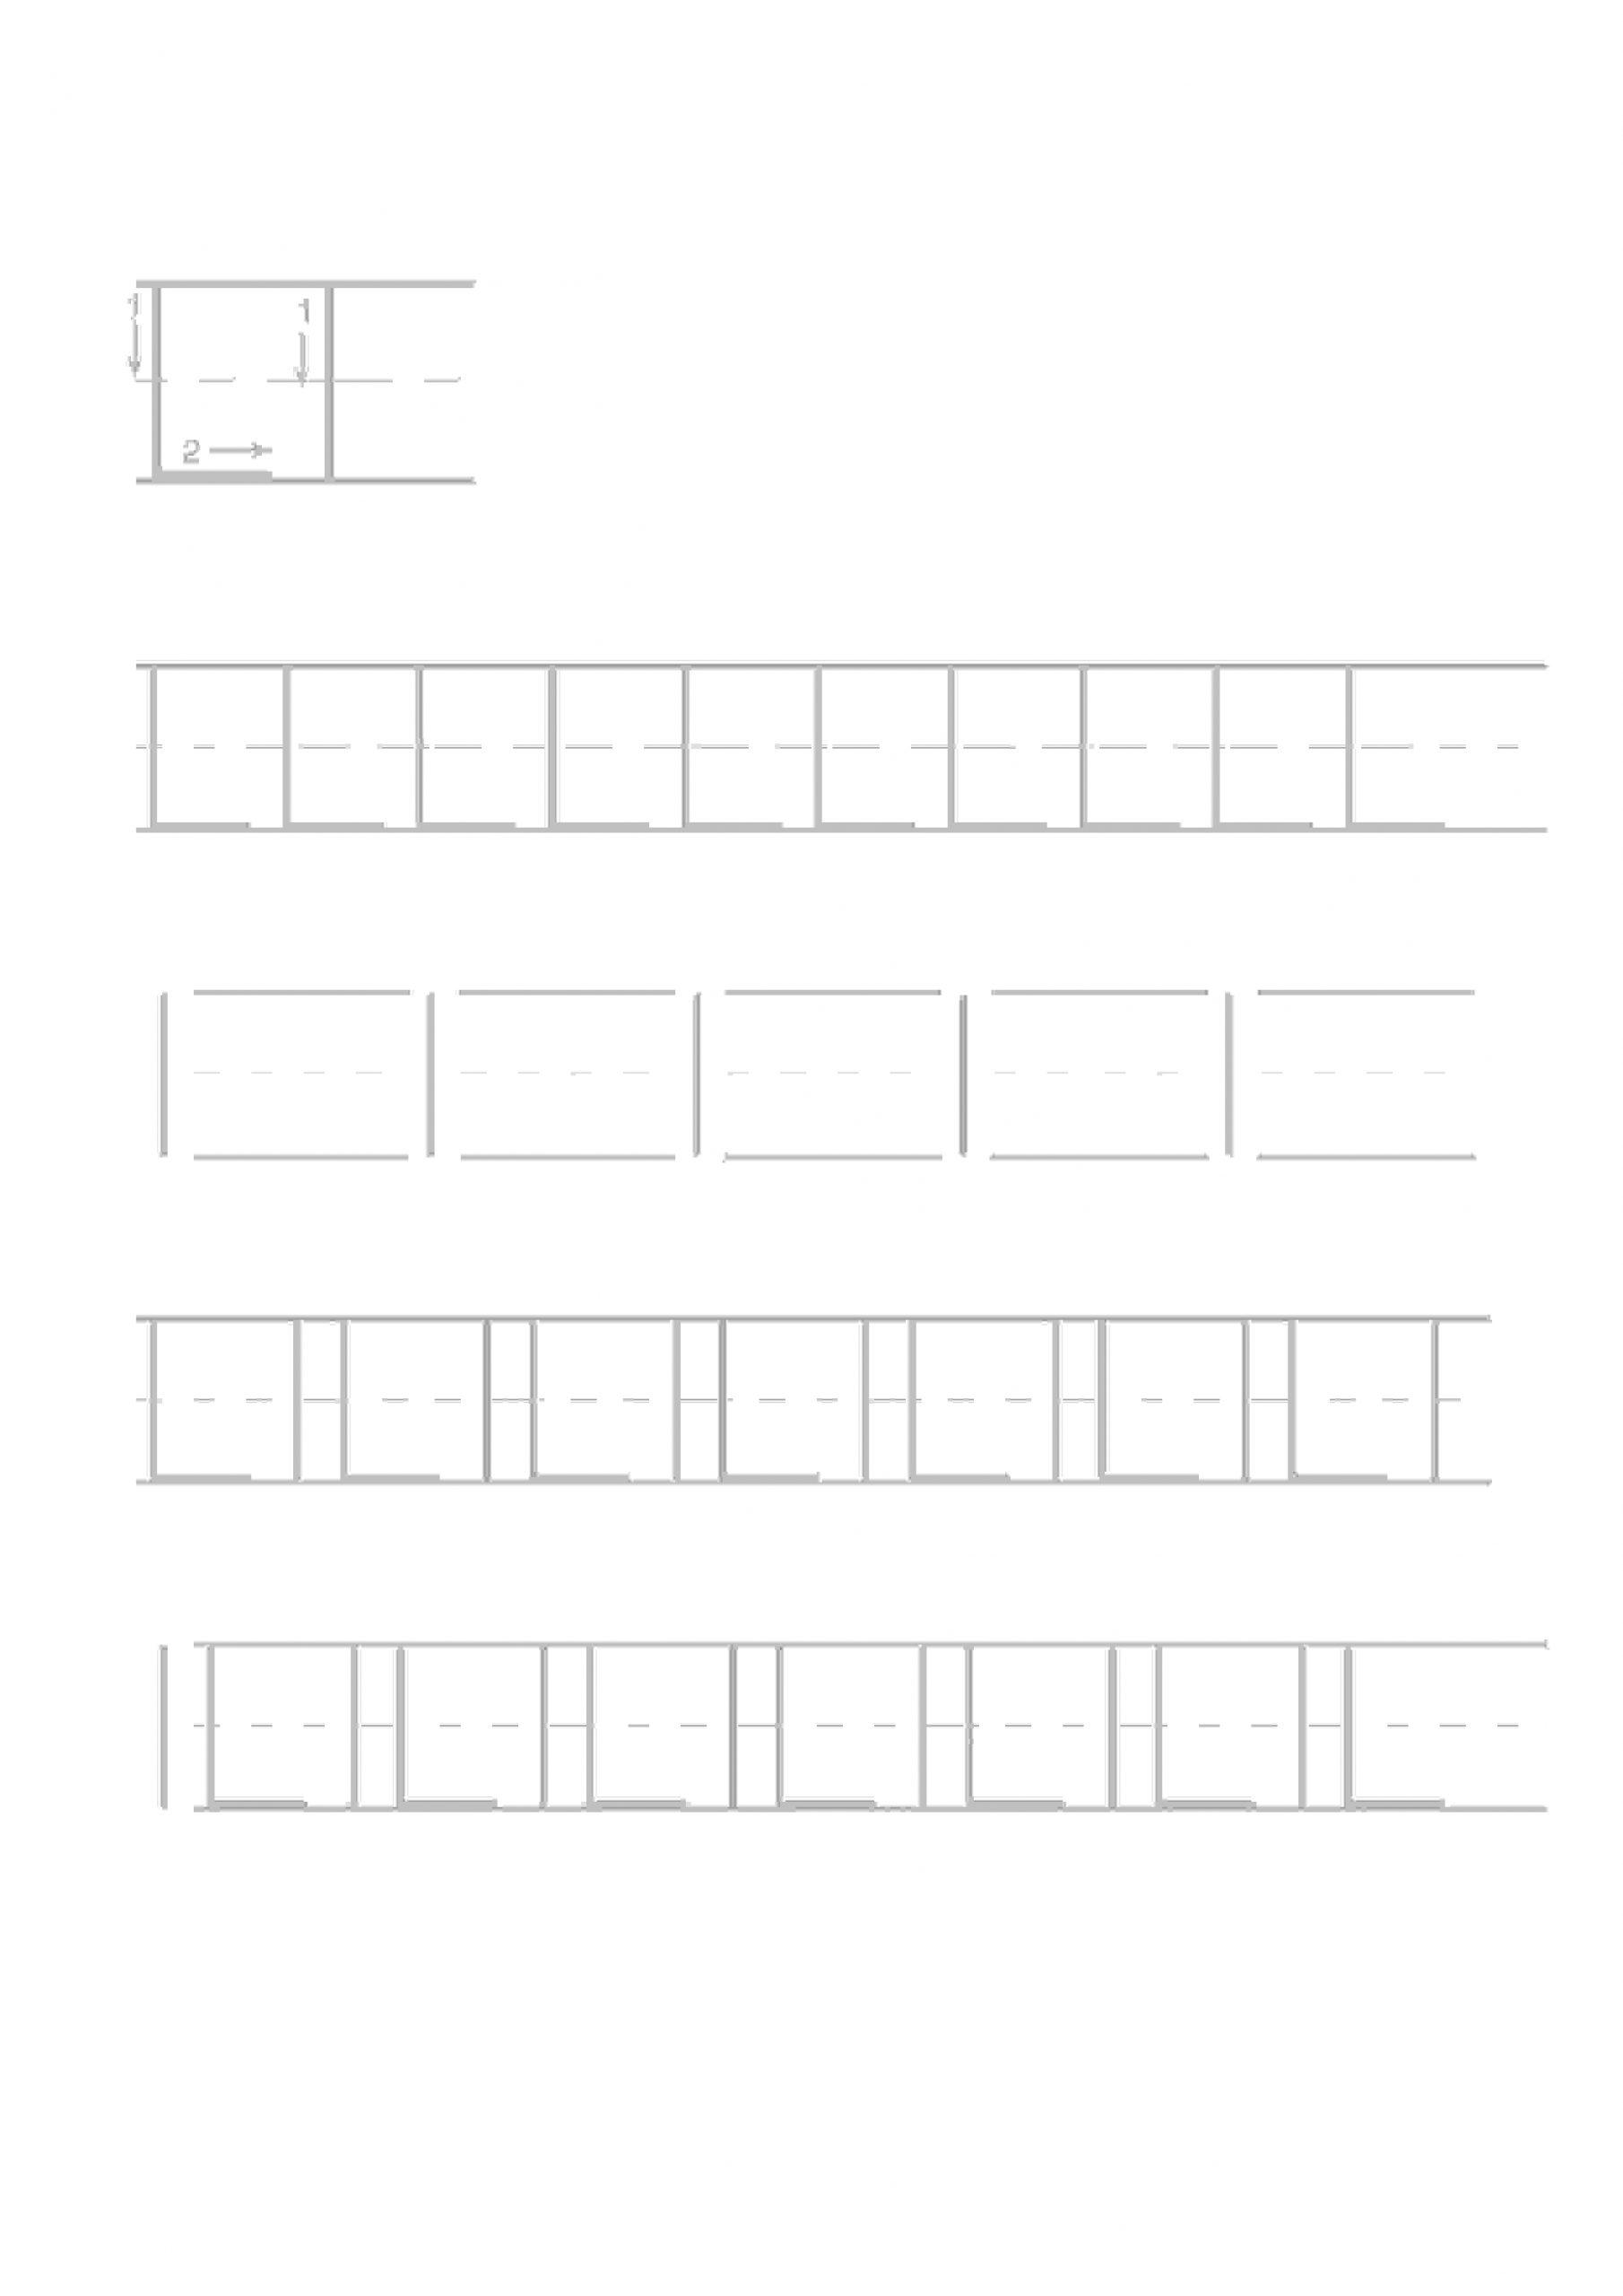 Exercices Pour Enfants De Maternelle Calligraphie Alphabet 12 avec Exercices Maternelle À Imprimer